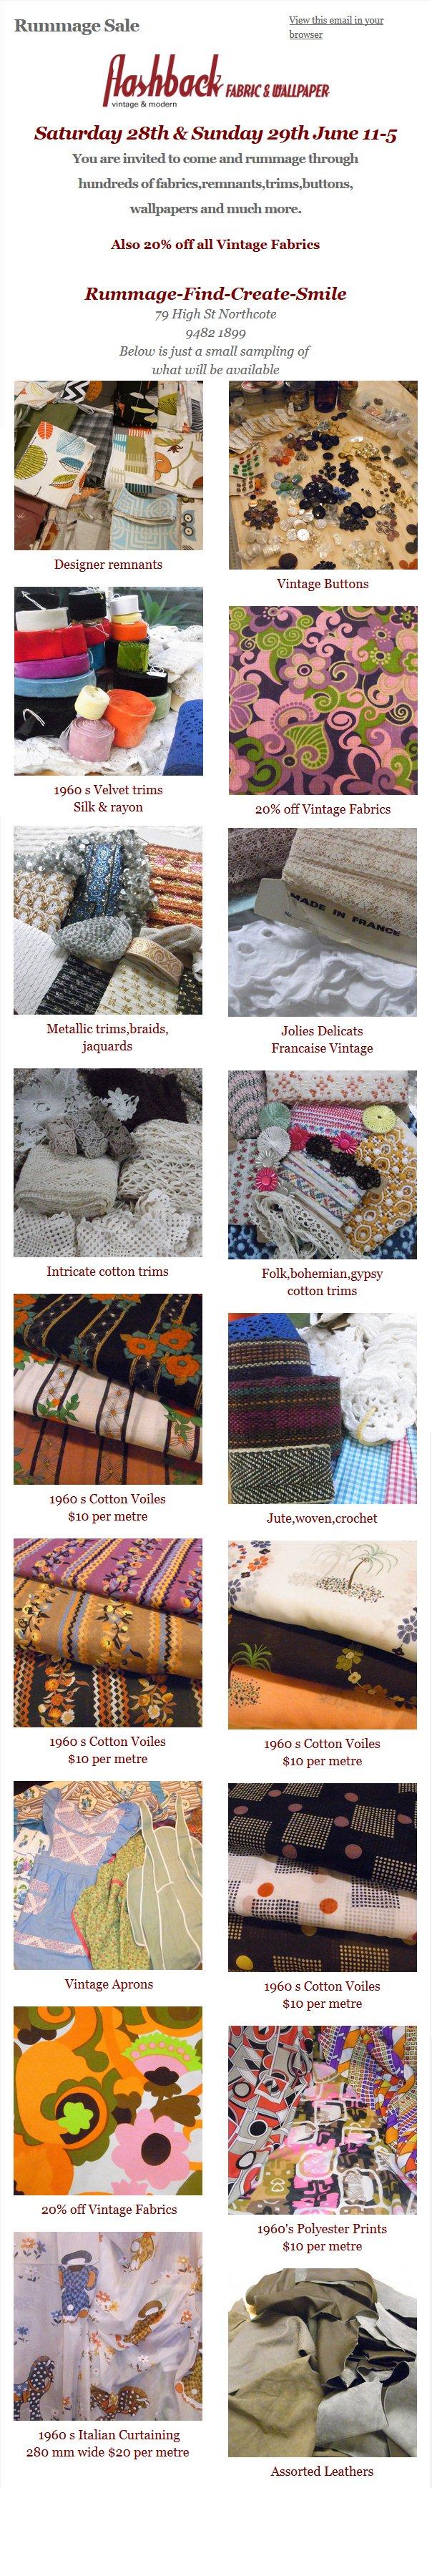 Vintage Fabric Sale